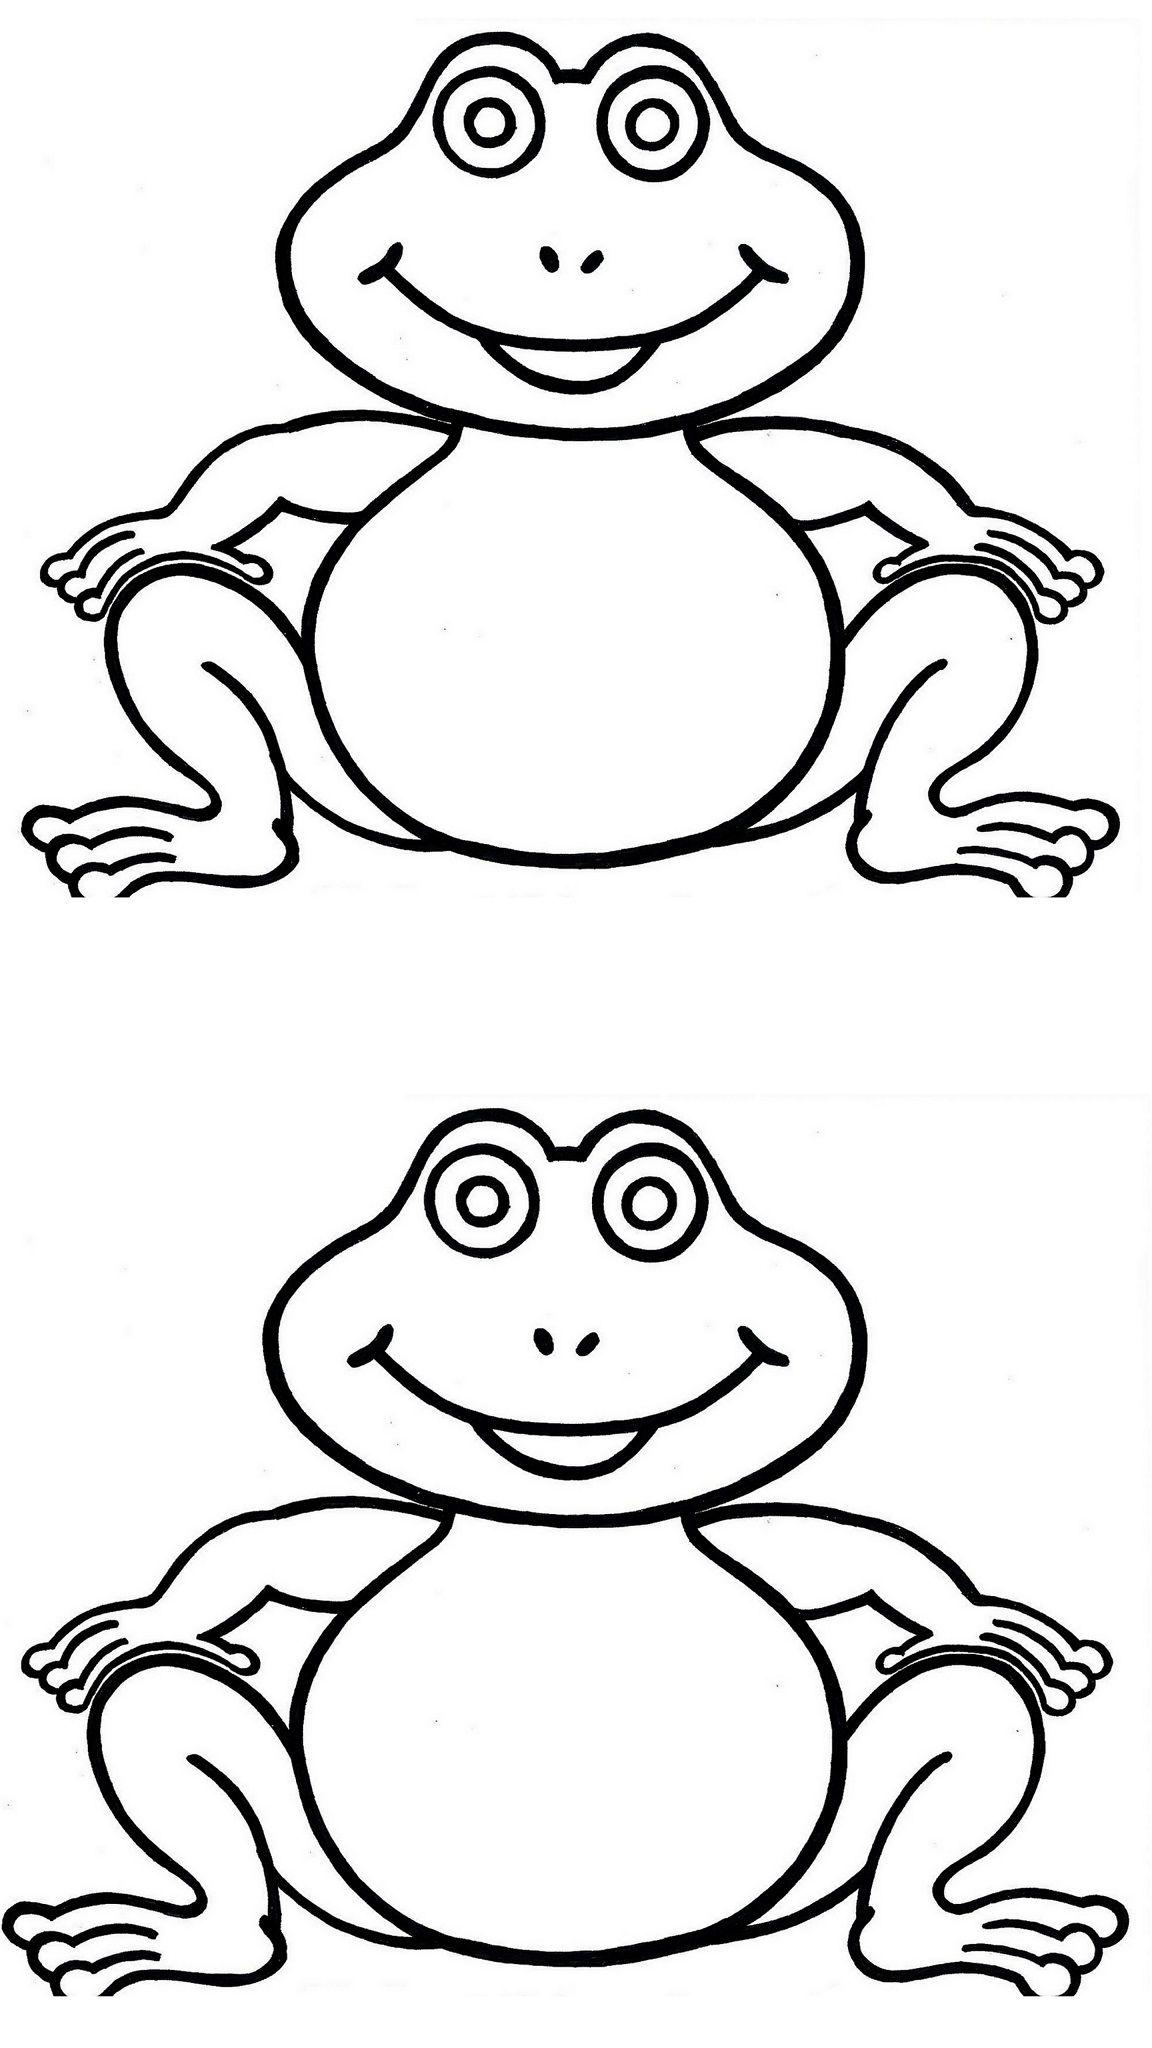 Mod le coloriage grenouille - Grenouille coloriage ...